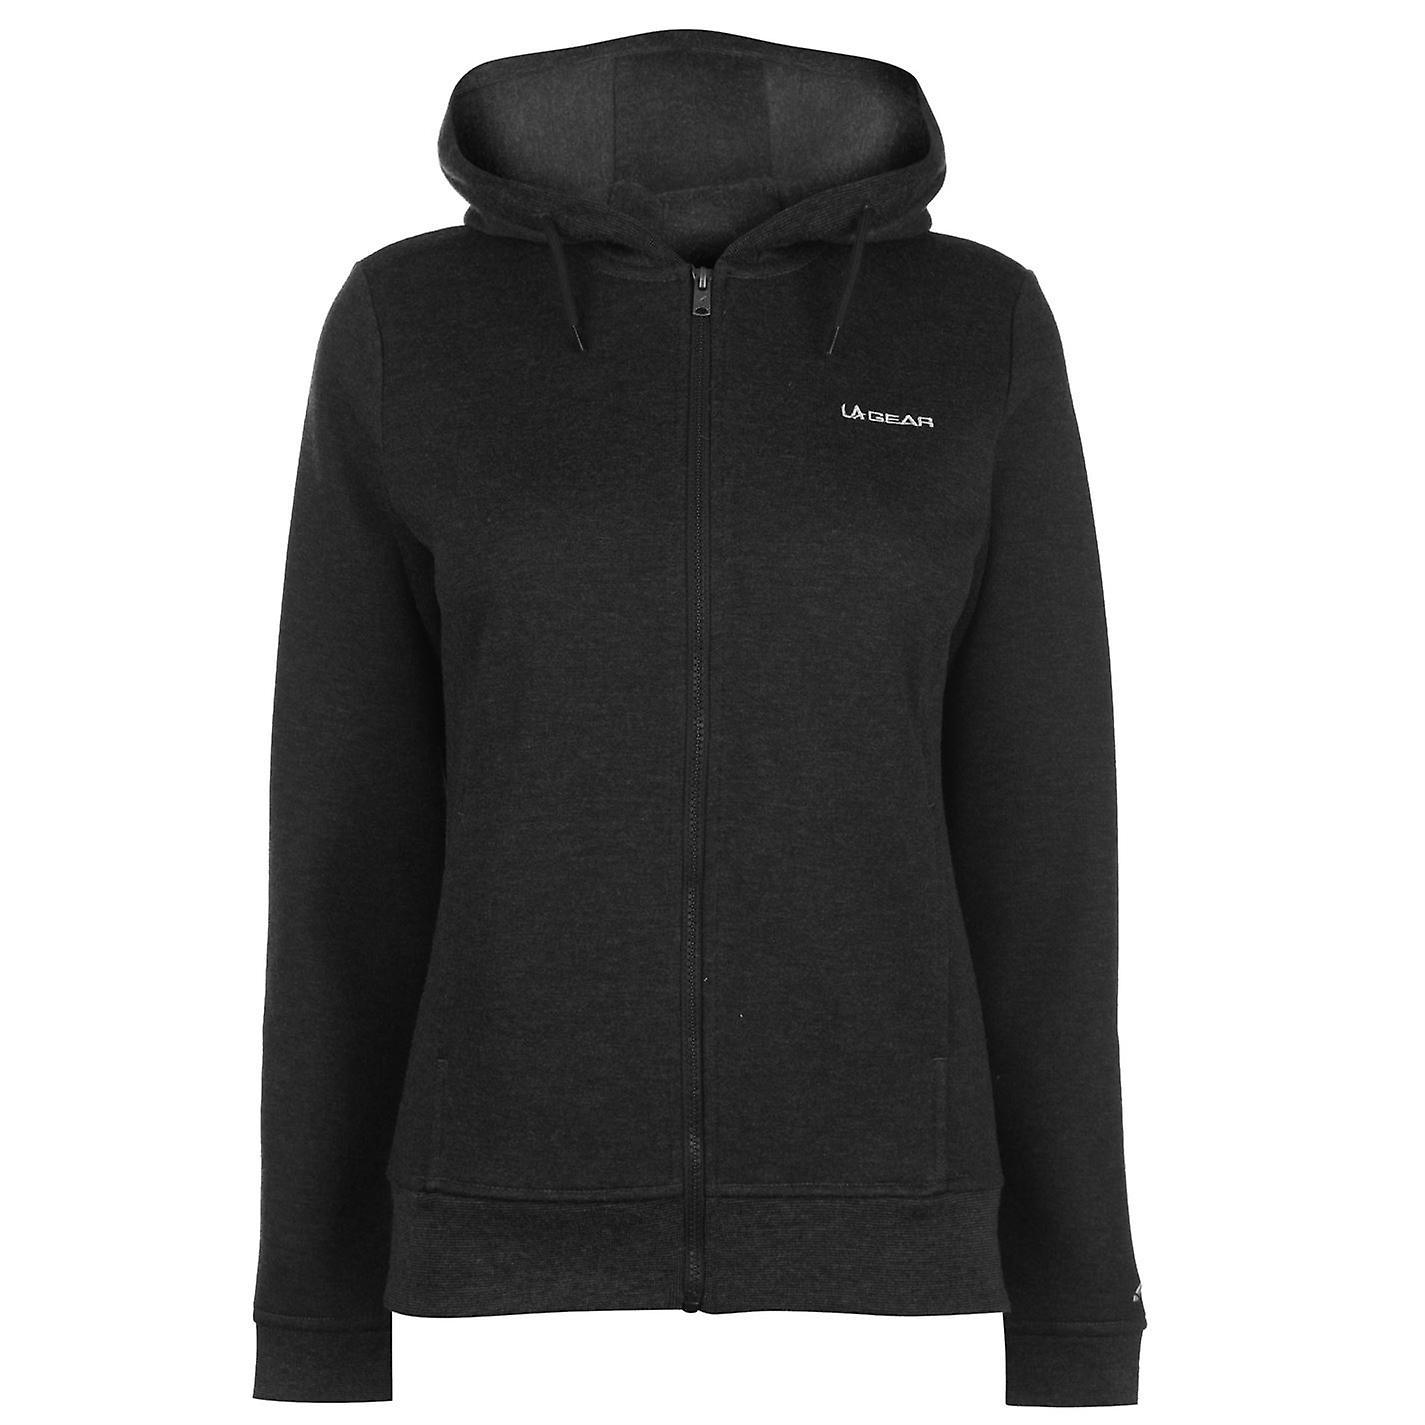 LA Gear Womens Full Zip Hoody Hoodie Hooded Top Long Sleeve Warm Drawstring